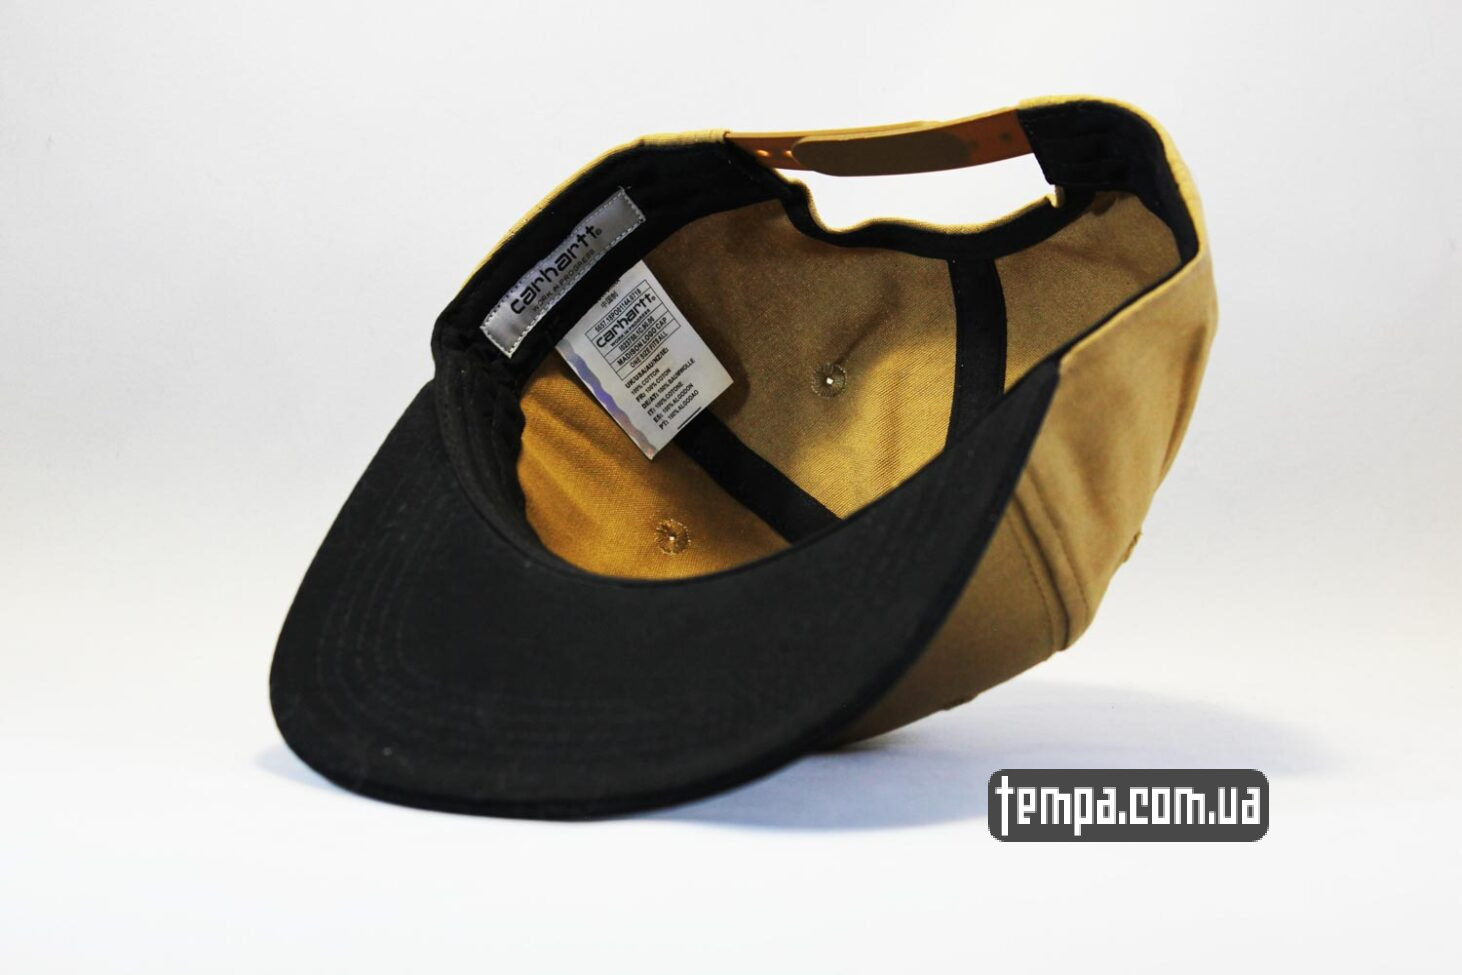 оригинал купить Carhartt кепка Snapback Carhartt коричневая с кожаным логотипом